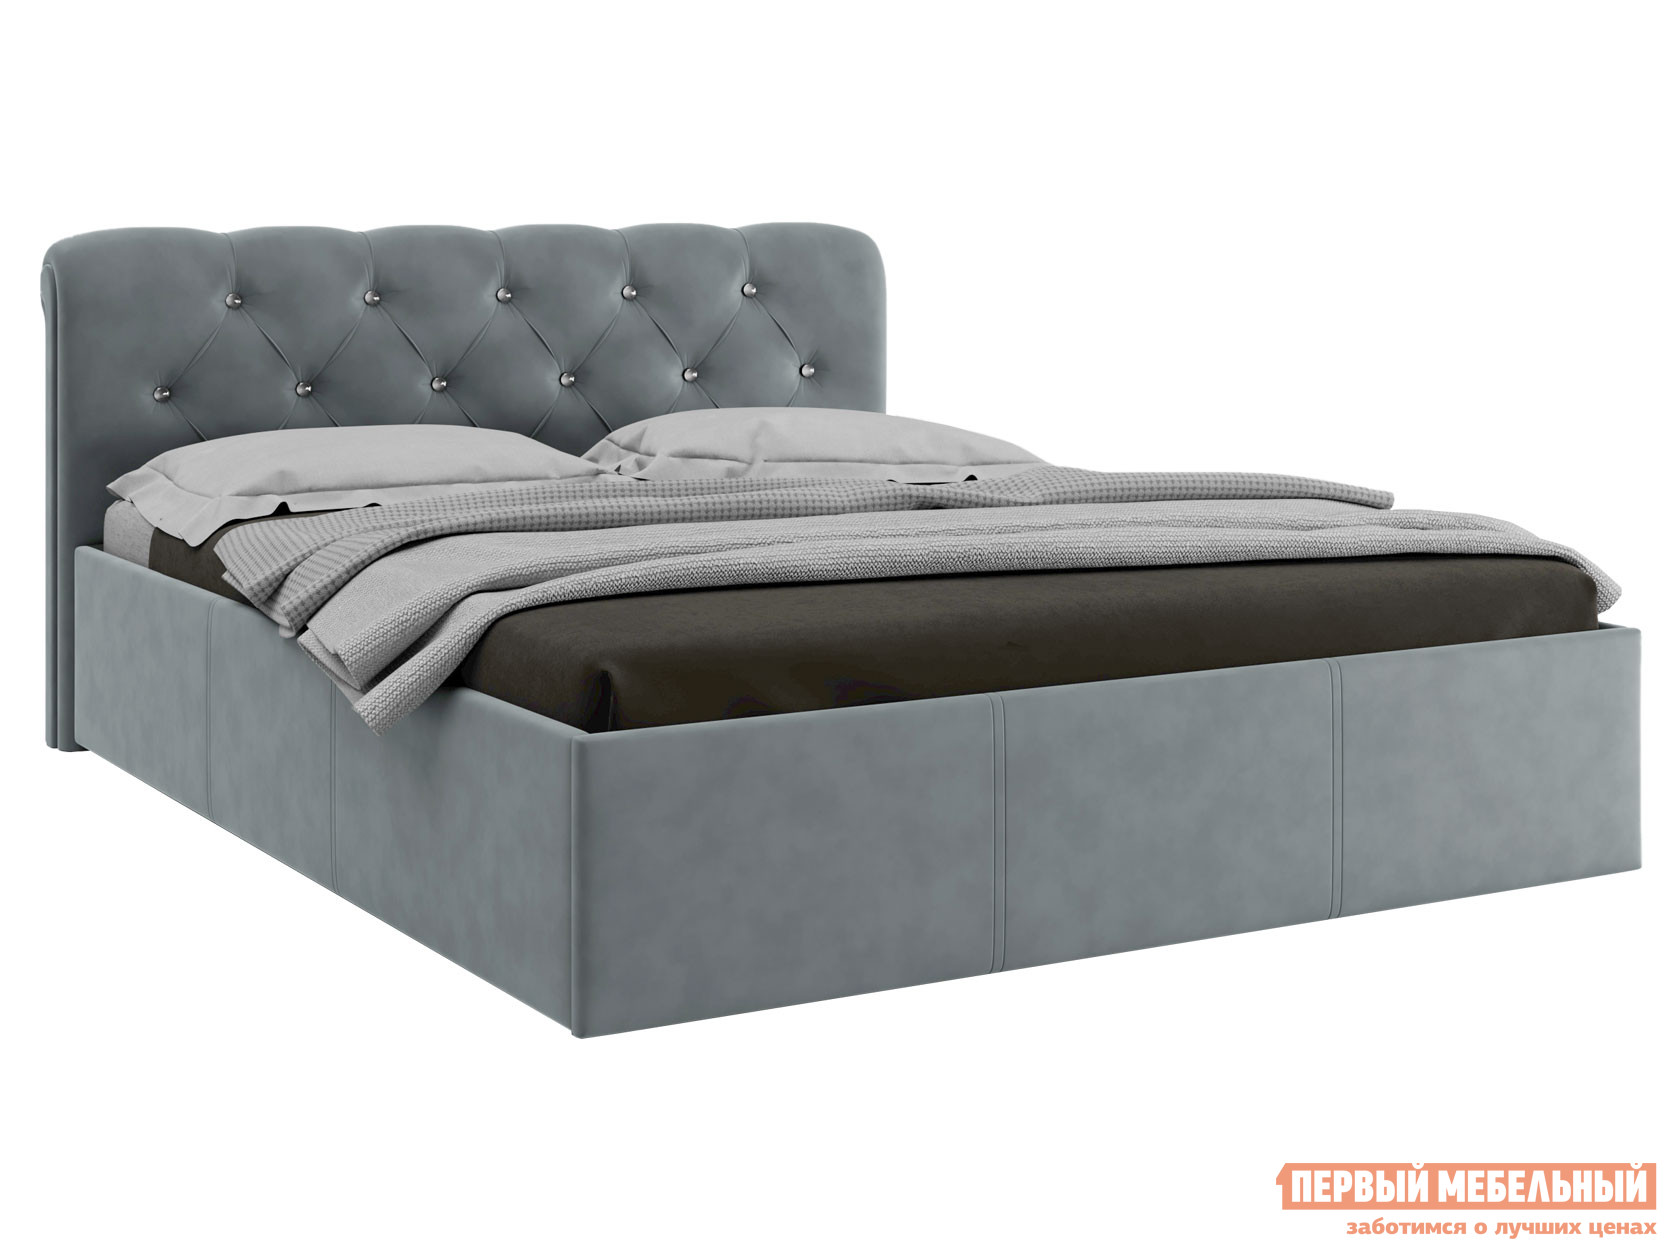 Двуспальная кровать  Кровать с ПМ Калипсо Серый, велюр, 1600 Х 2000 мм